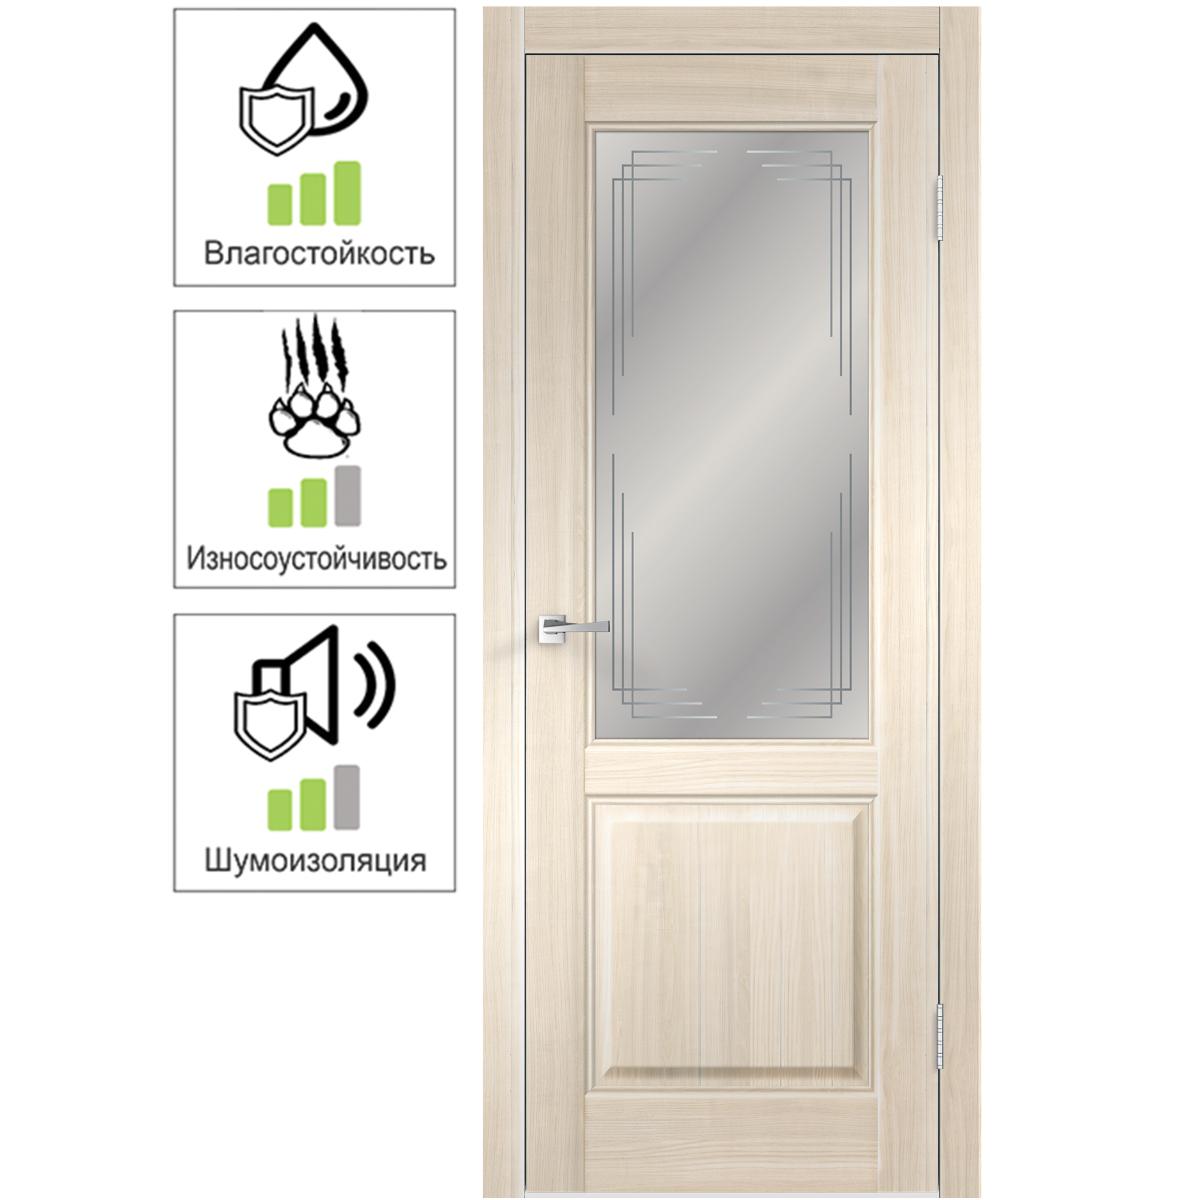 Дверь межкомнатная остеклённая Вилла 2Р 80х200 см с фурнитурой ПВХ цвет японский ясень